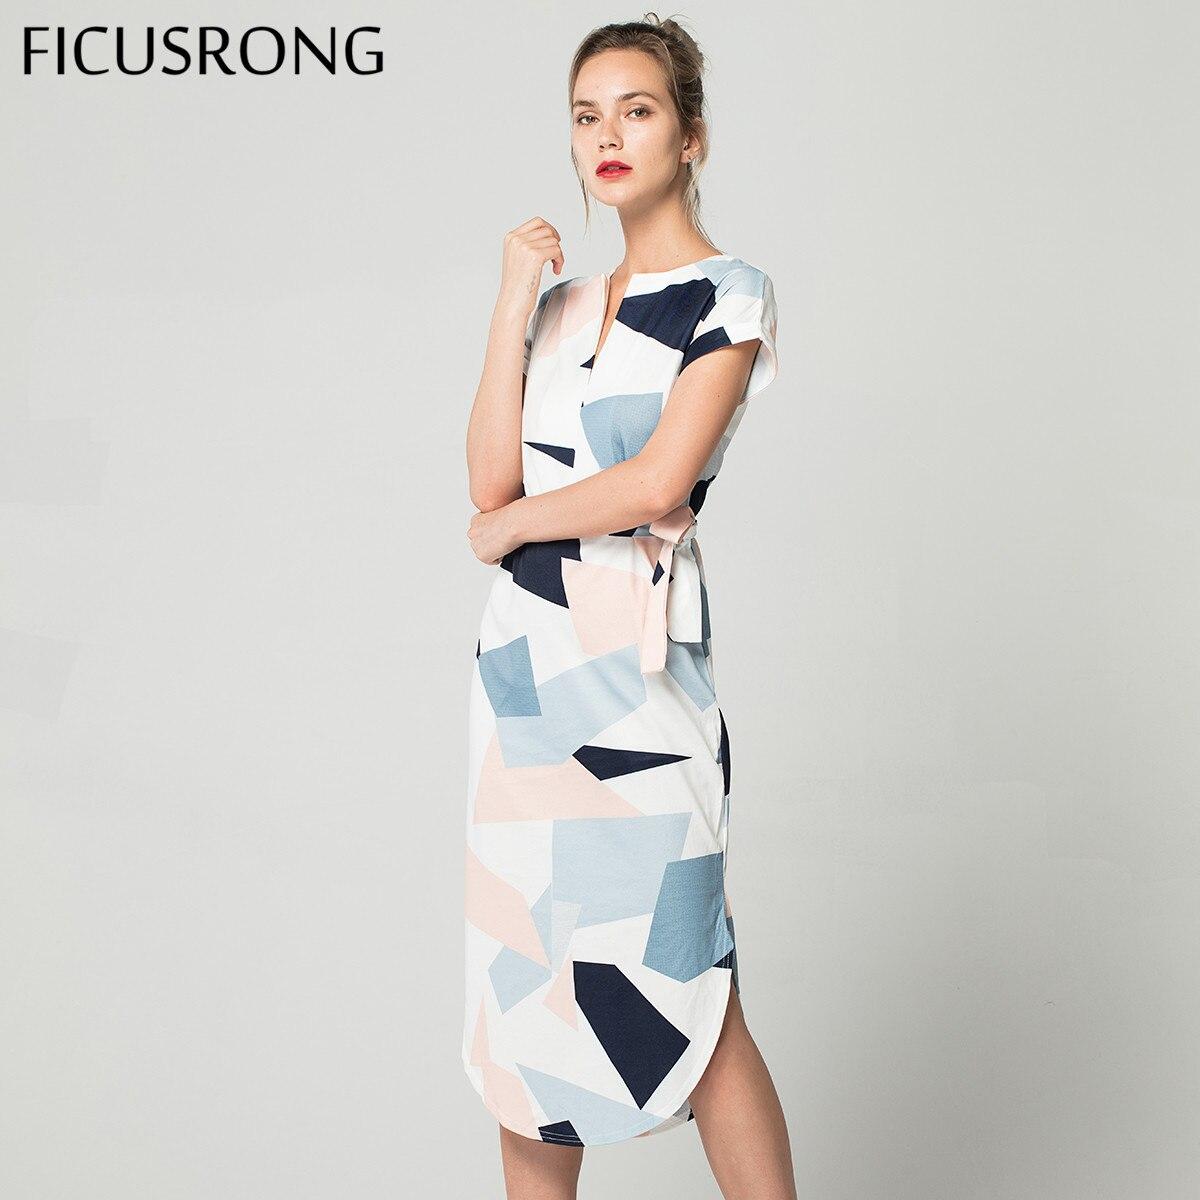 FICUSRONG Naiste kleit, 7 värvivalikut